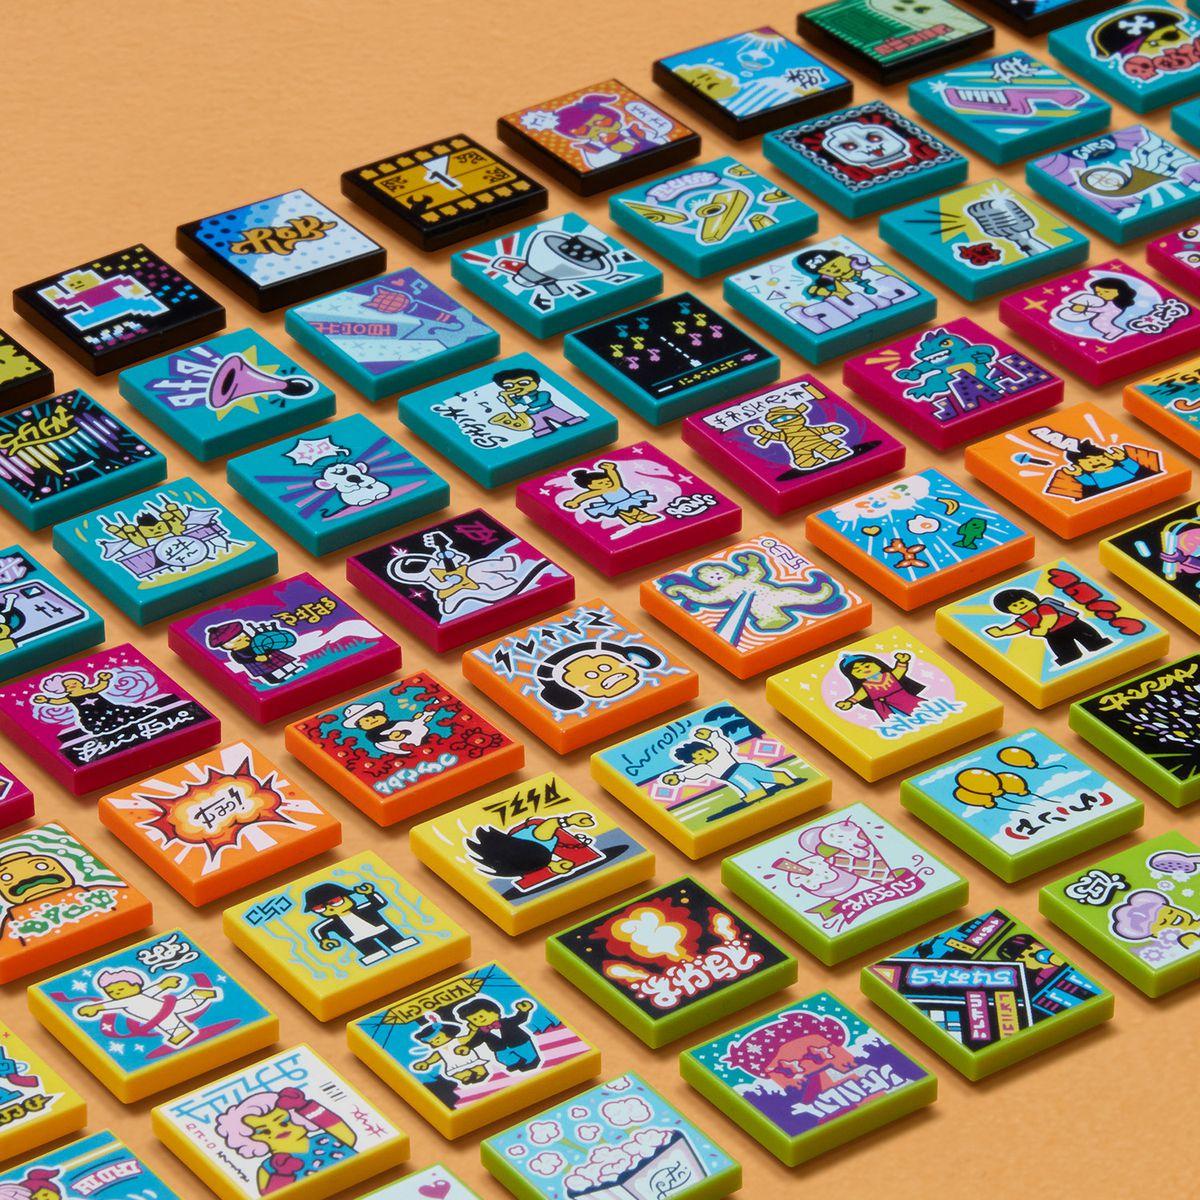 LEGO presenta su propia red social para niños al estilo de TikTok